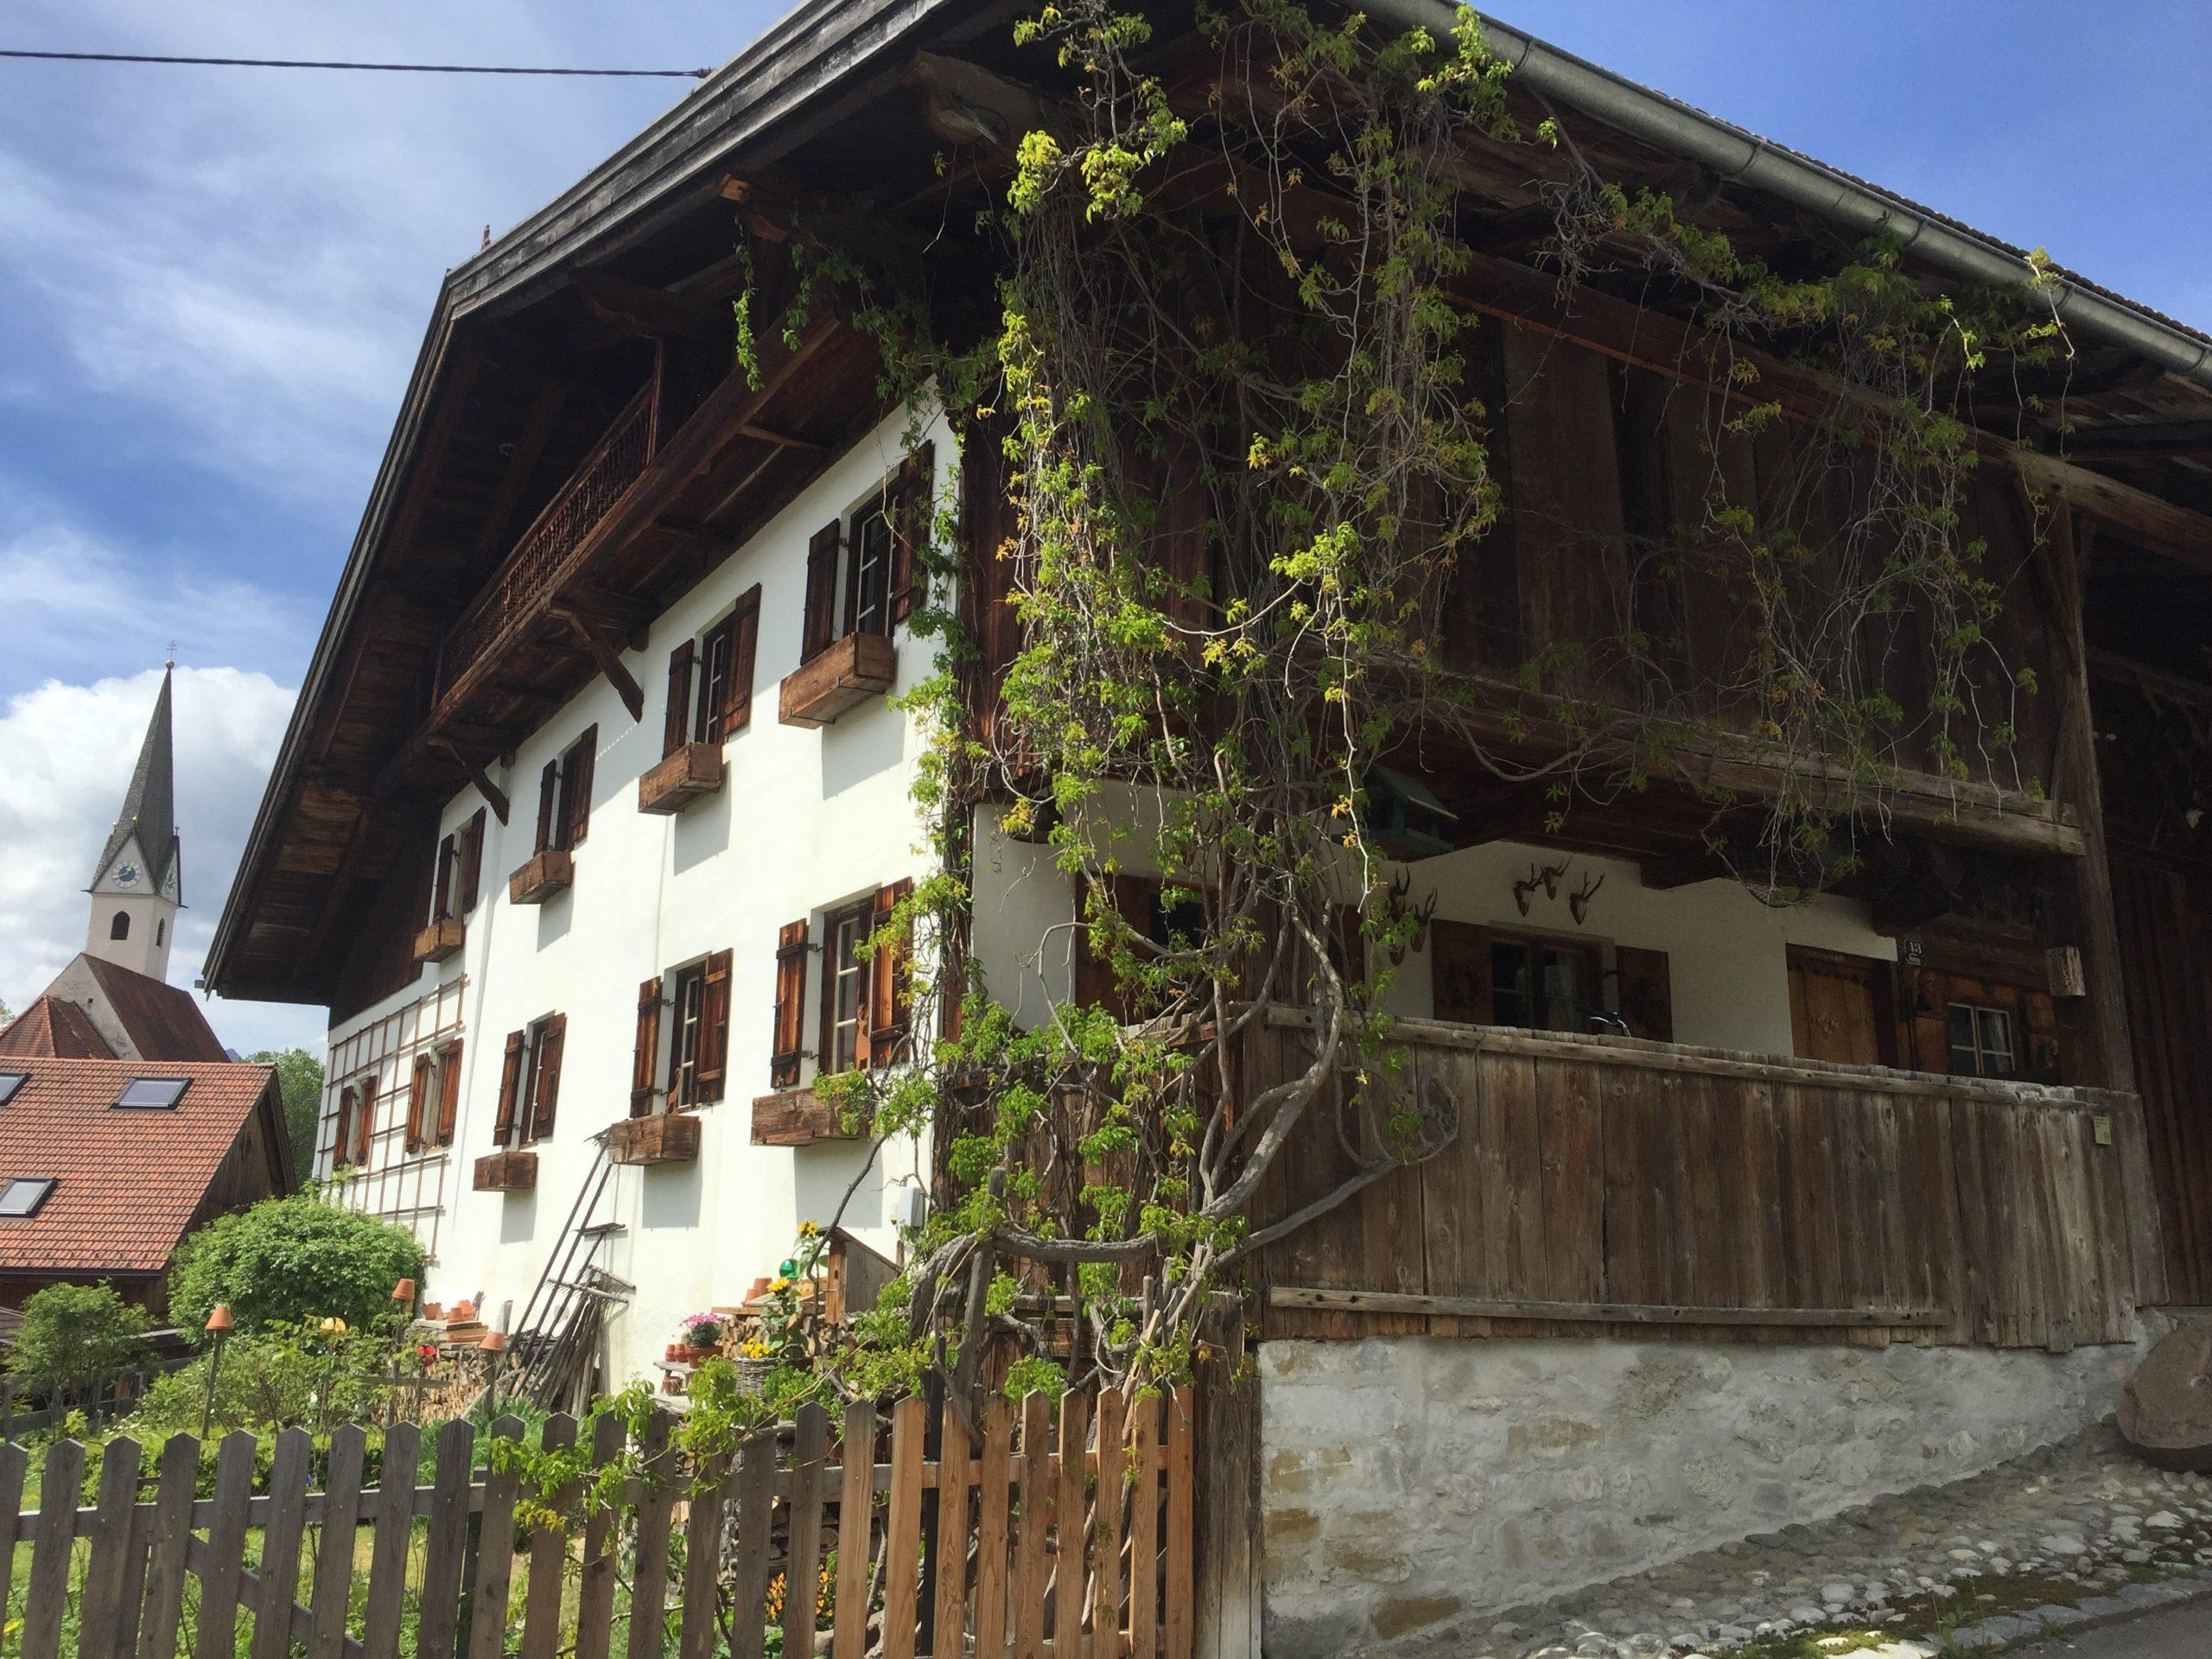 Bauernhaus in Schwangau mit Kirche im Hintergrund